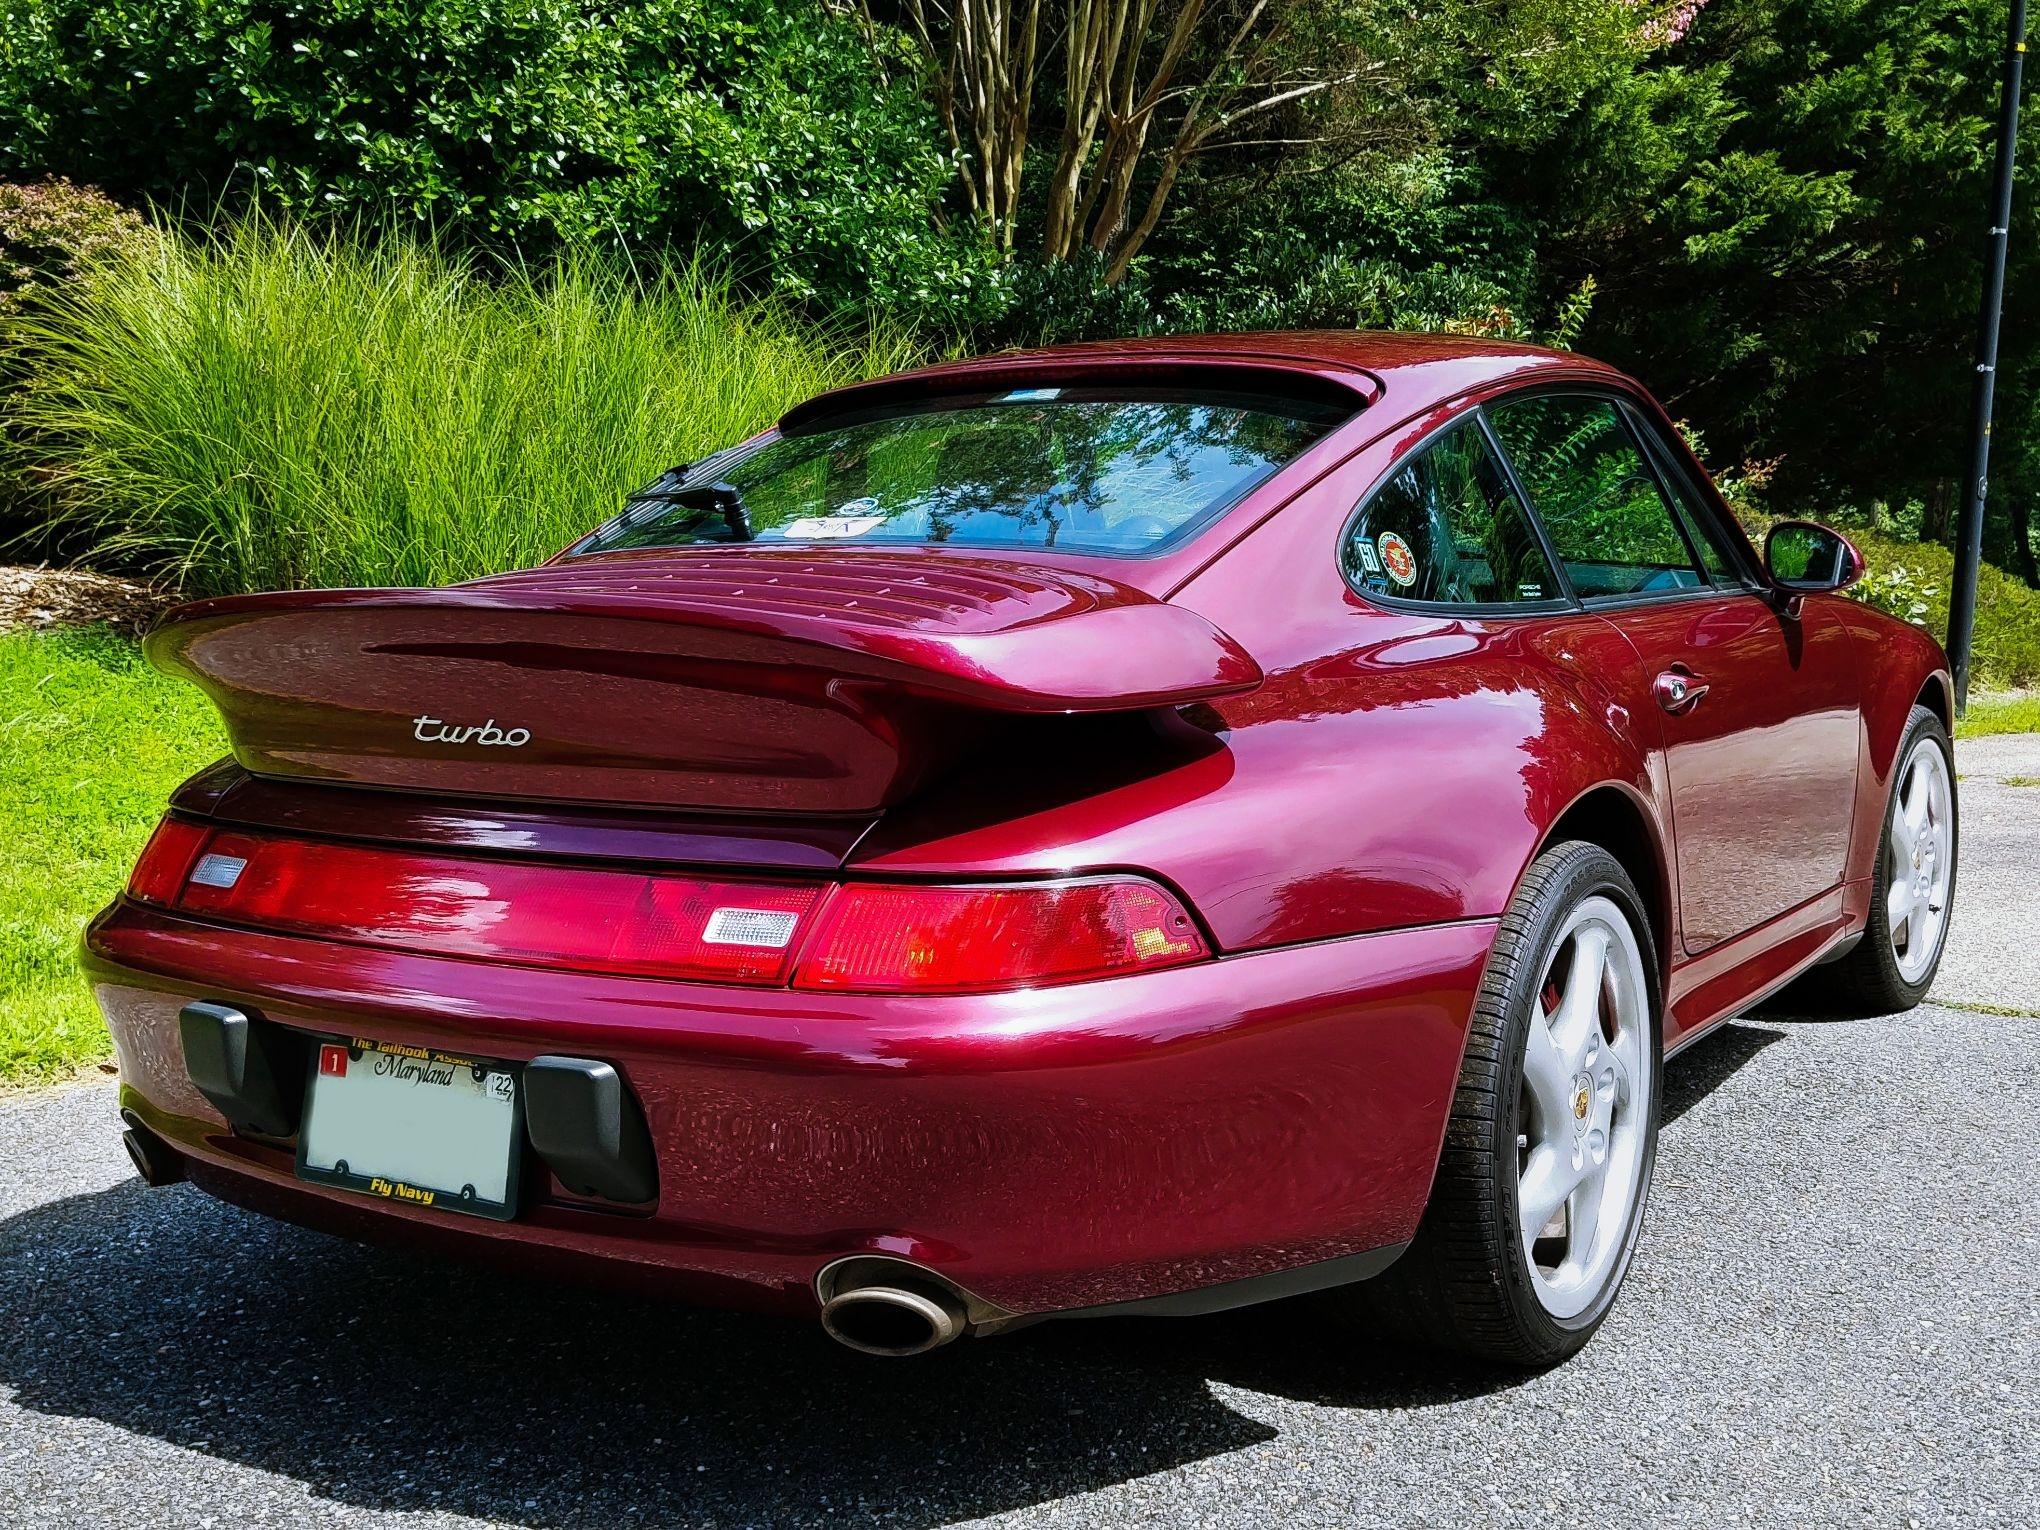 1996 Porsche 993 Turbo Arena Red Pcarmarket